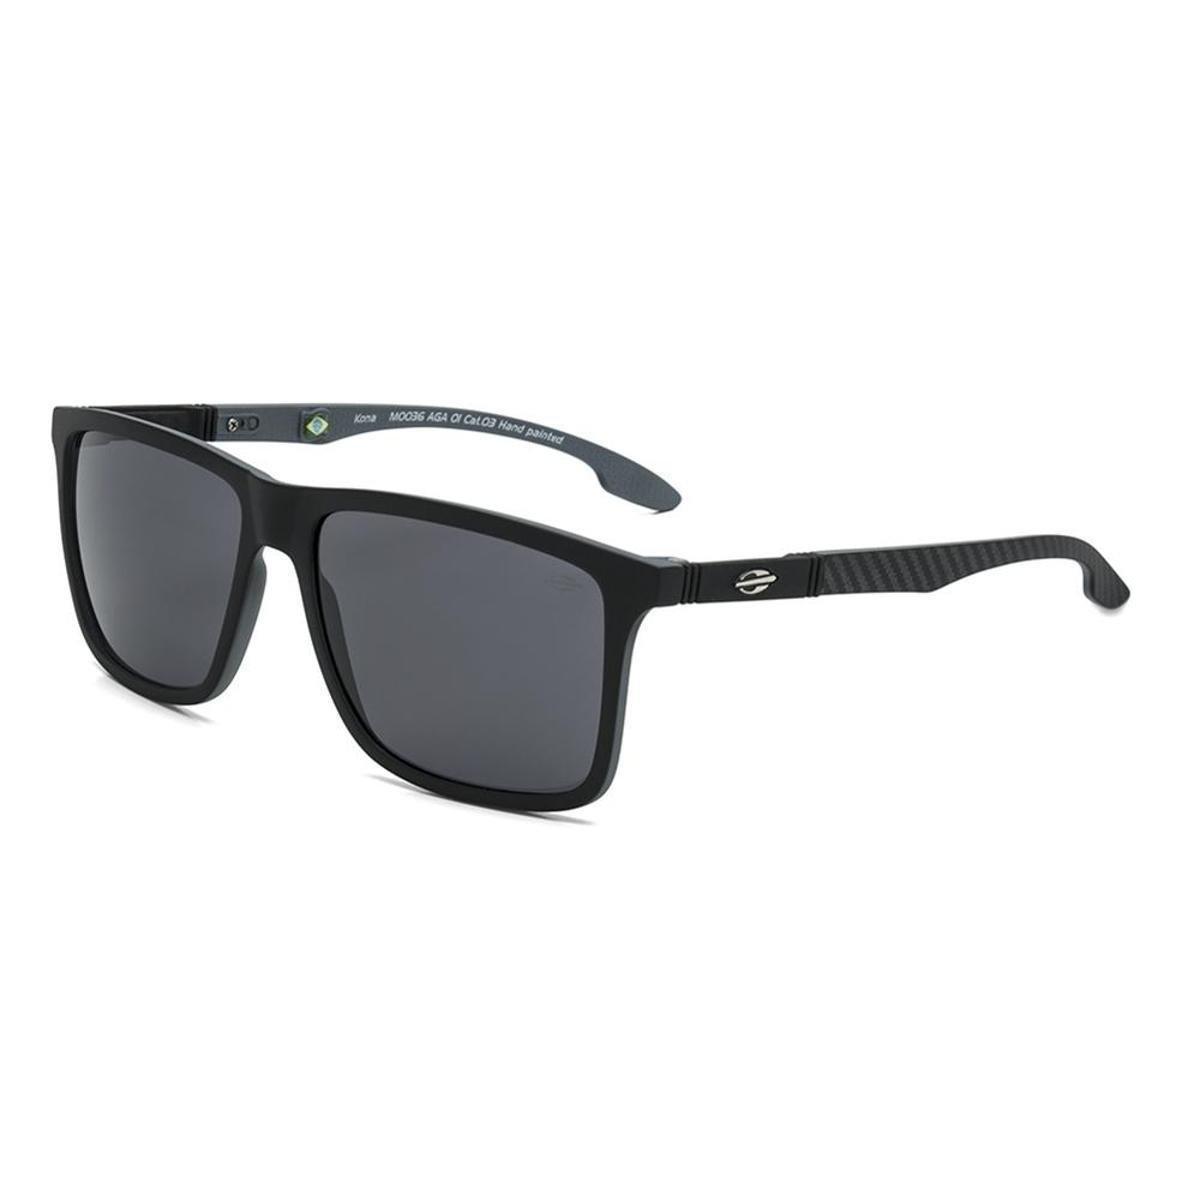 Óculos De Sol Mormaii Kona - Preto e Cinza - Compre Agora   Zattini f041de0947